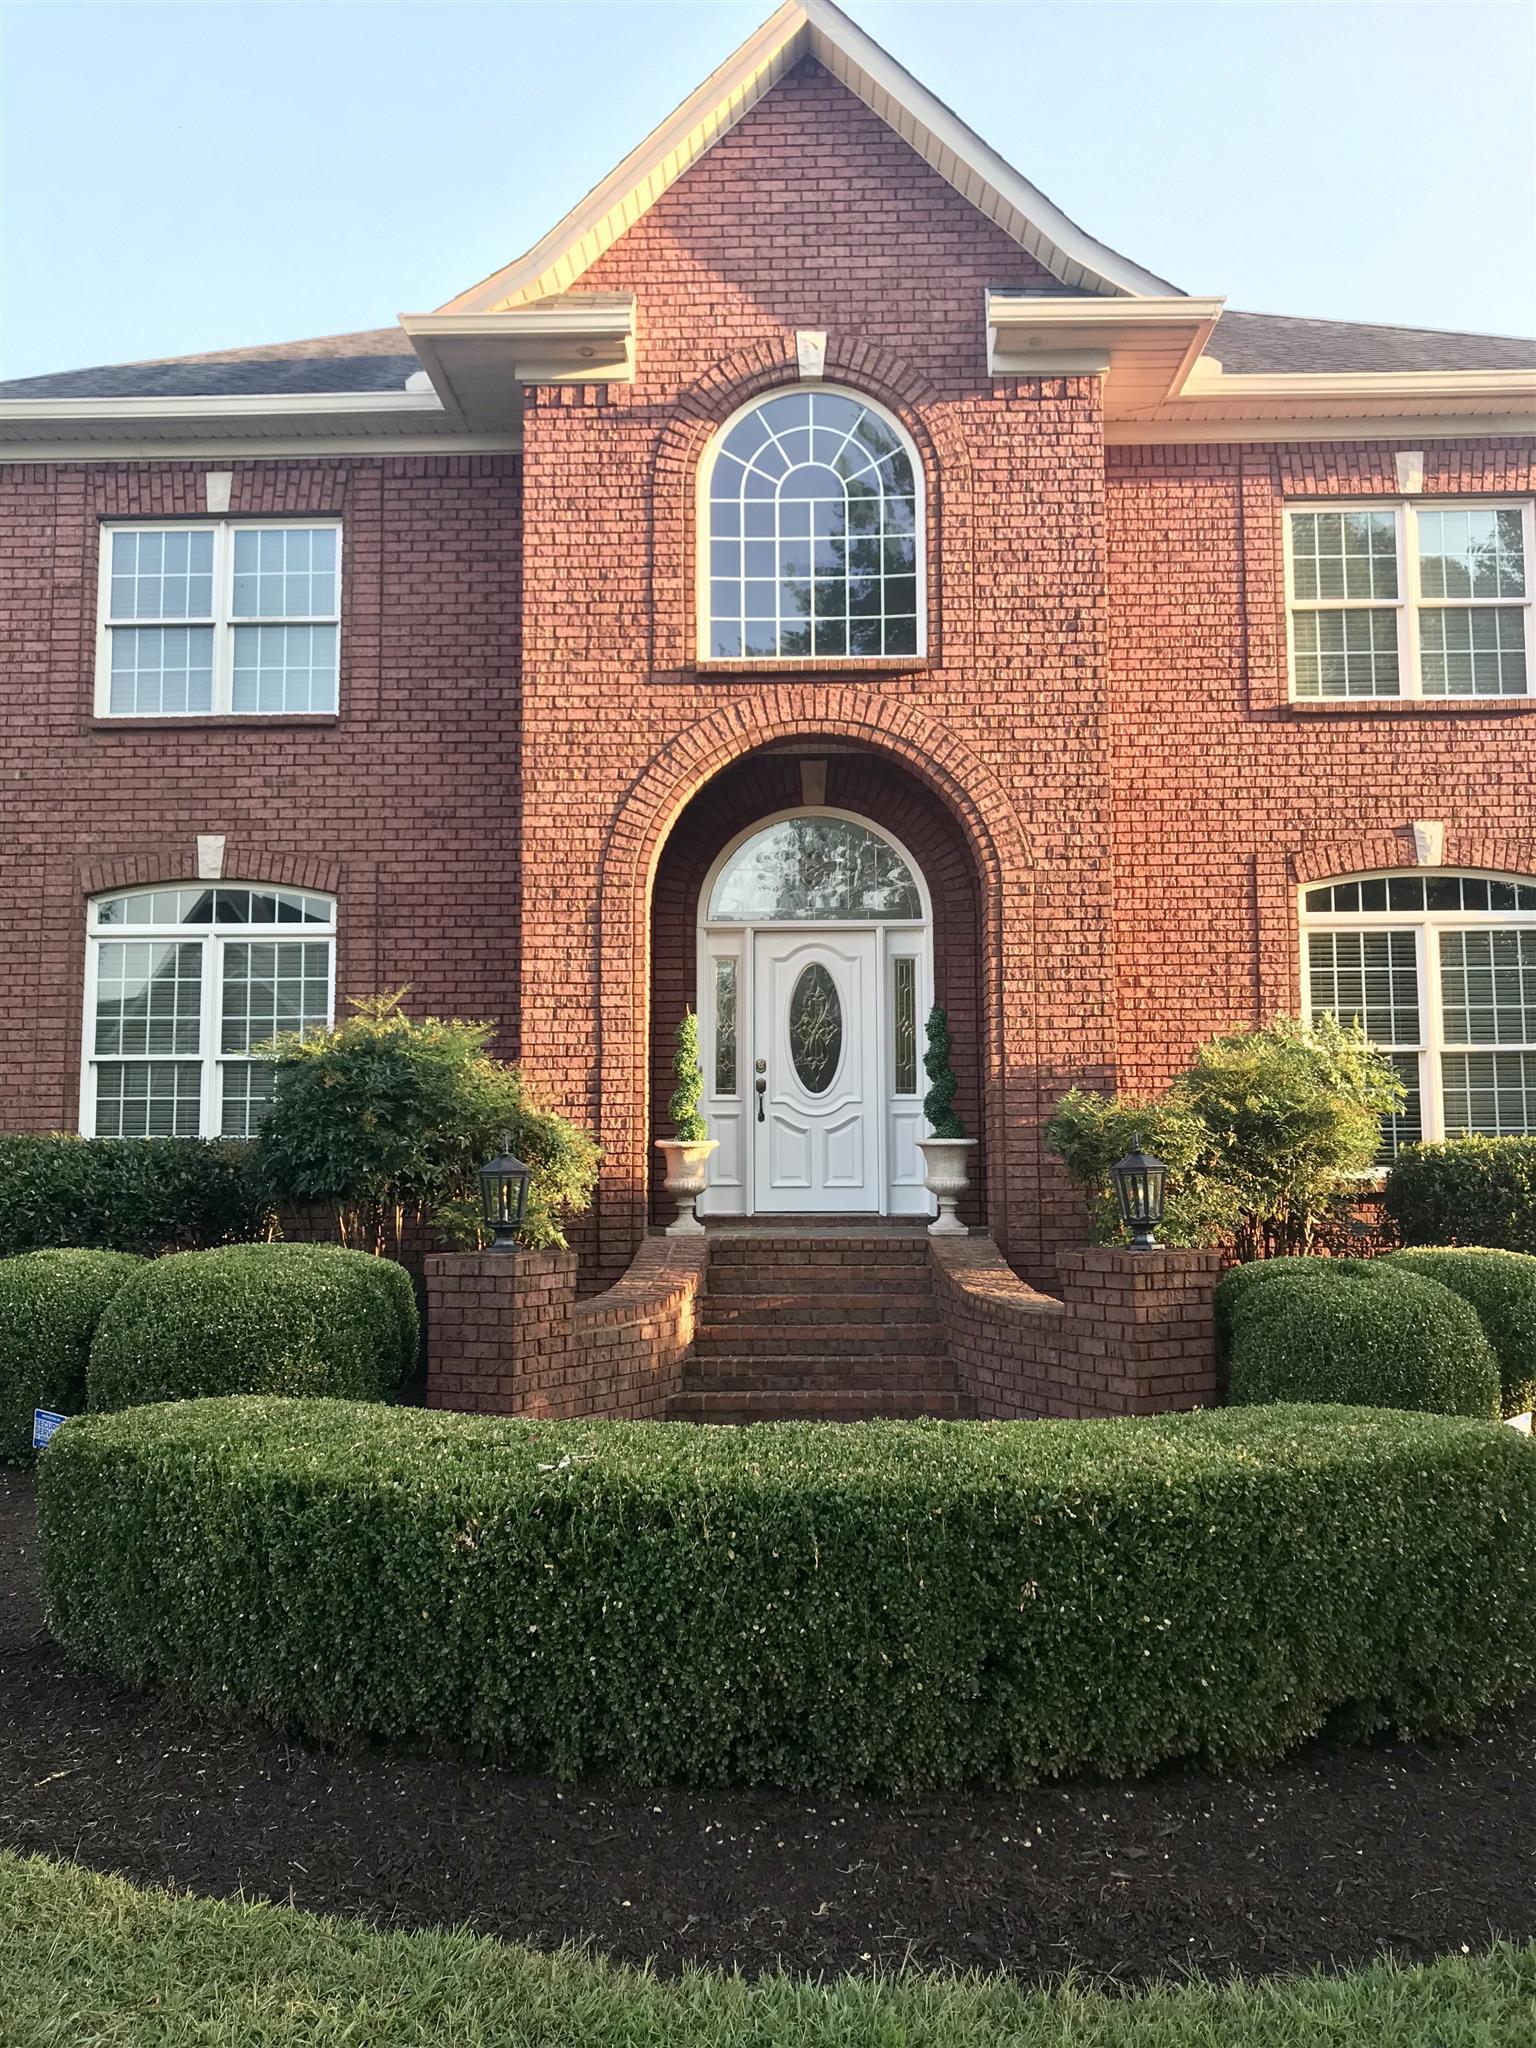 2257 Oakleigh Dr, Murfreesboro, TN 37129 - Murfreesboro, TN real estate listing